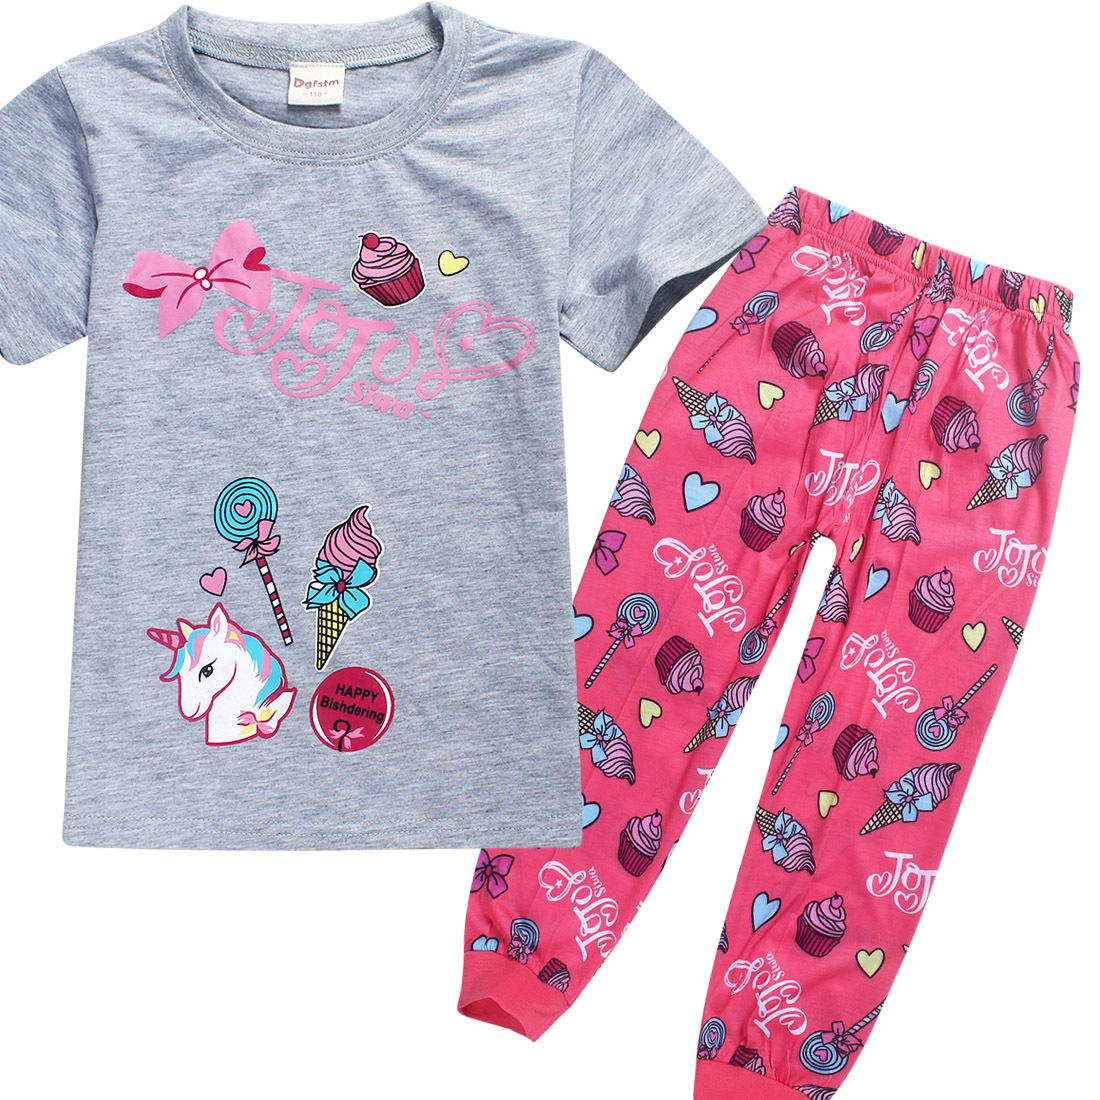 Nuova Moda Pigiami Per Le Ragazze Dei Capretti 2018 Bambini Di Estate Che Coprono Unicorni Jojo Siwa Pijamas Unicornio Pigiama Animale Degli Indumenti Da Notte Pijama 4-12y